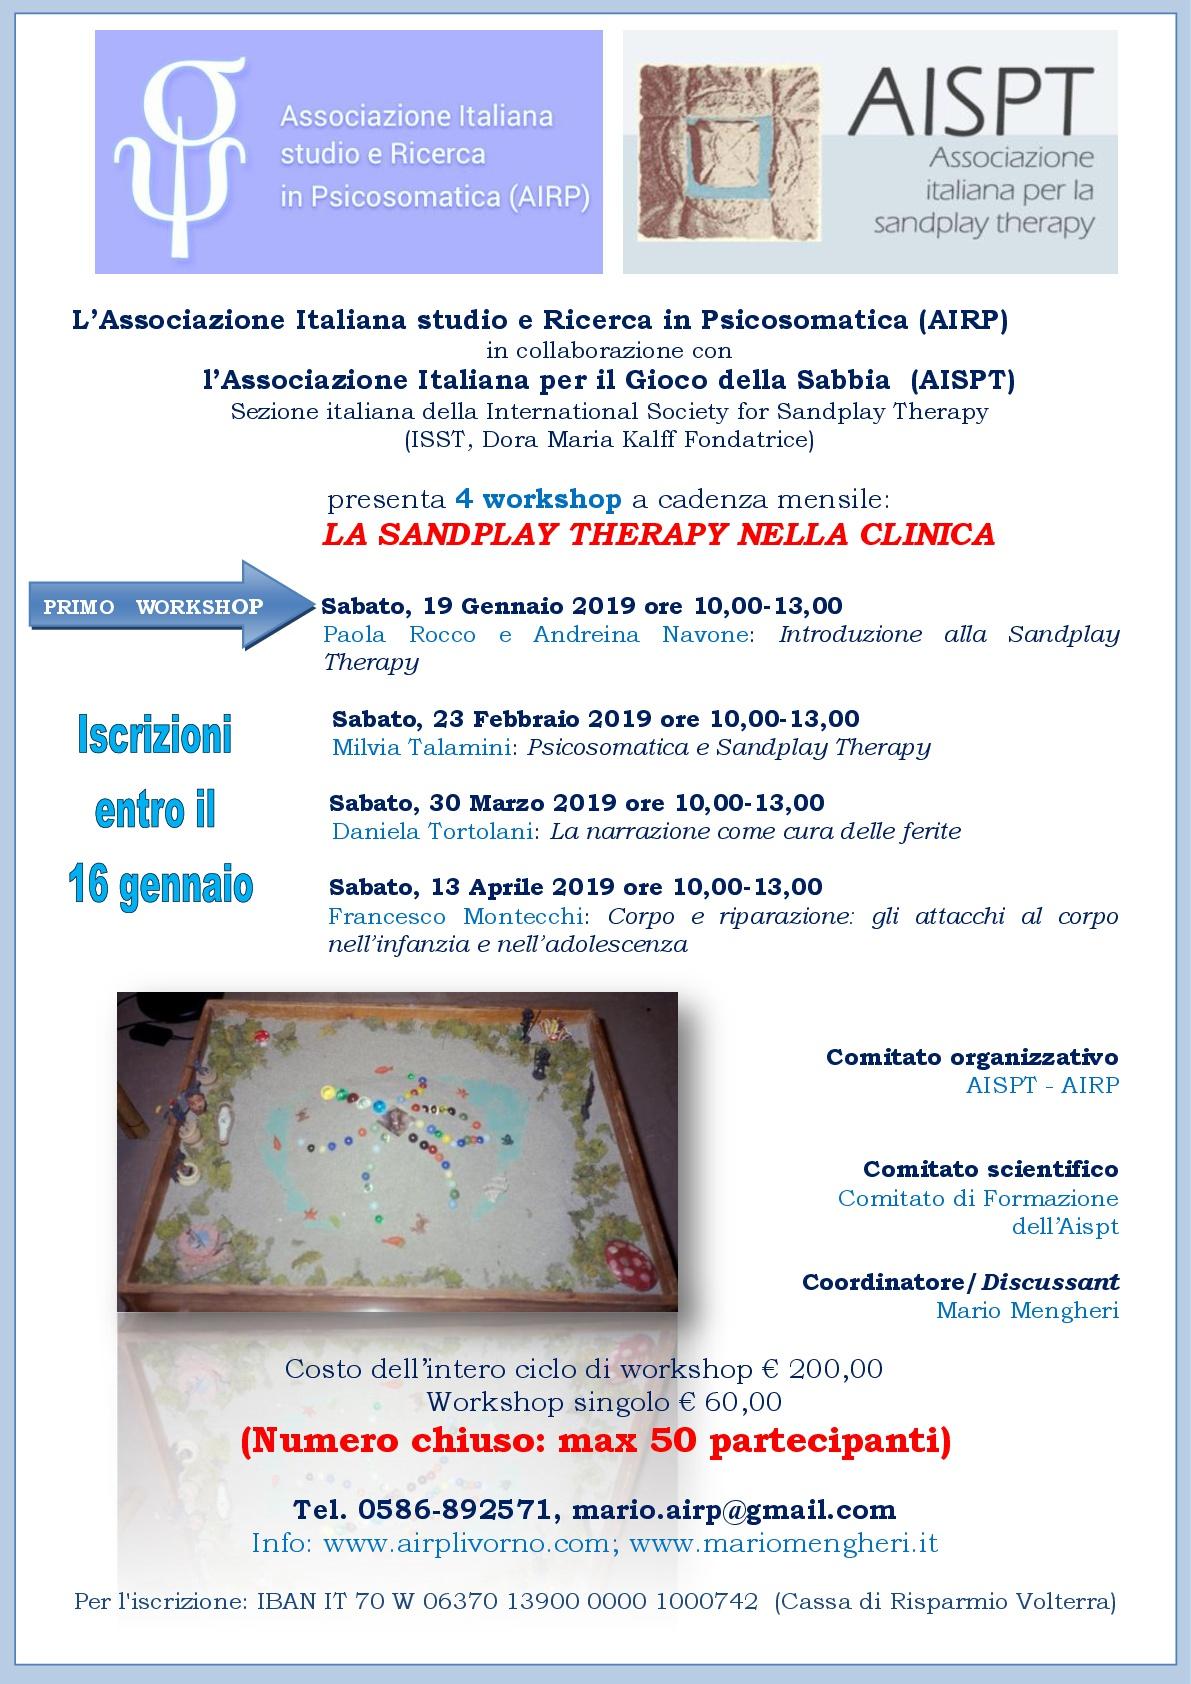 Mario Mengheri - Psicologia - Sandplay Therapy nella clinica